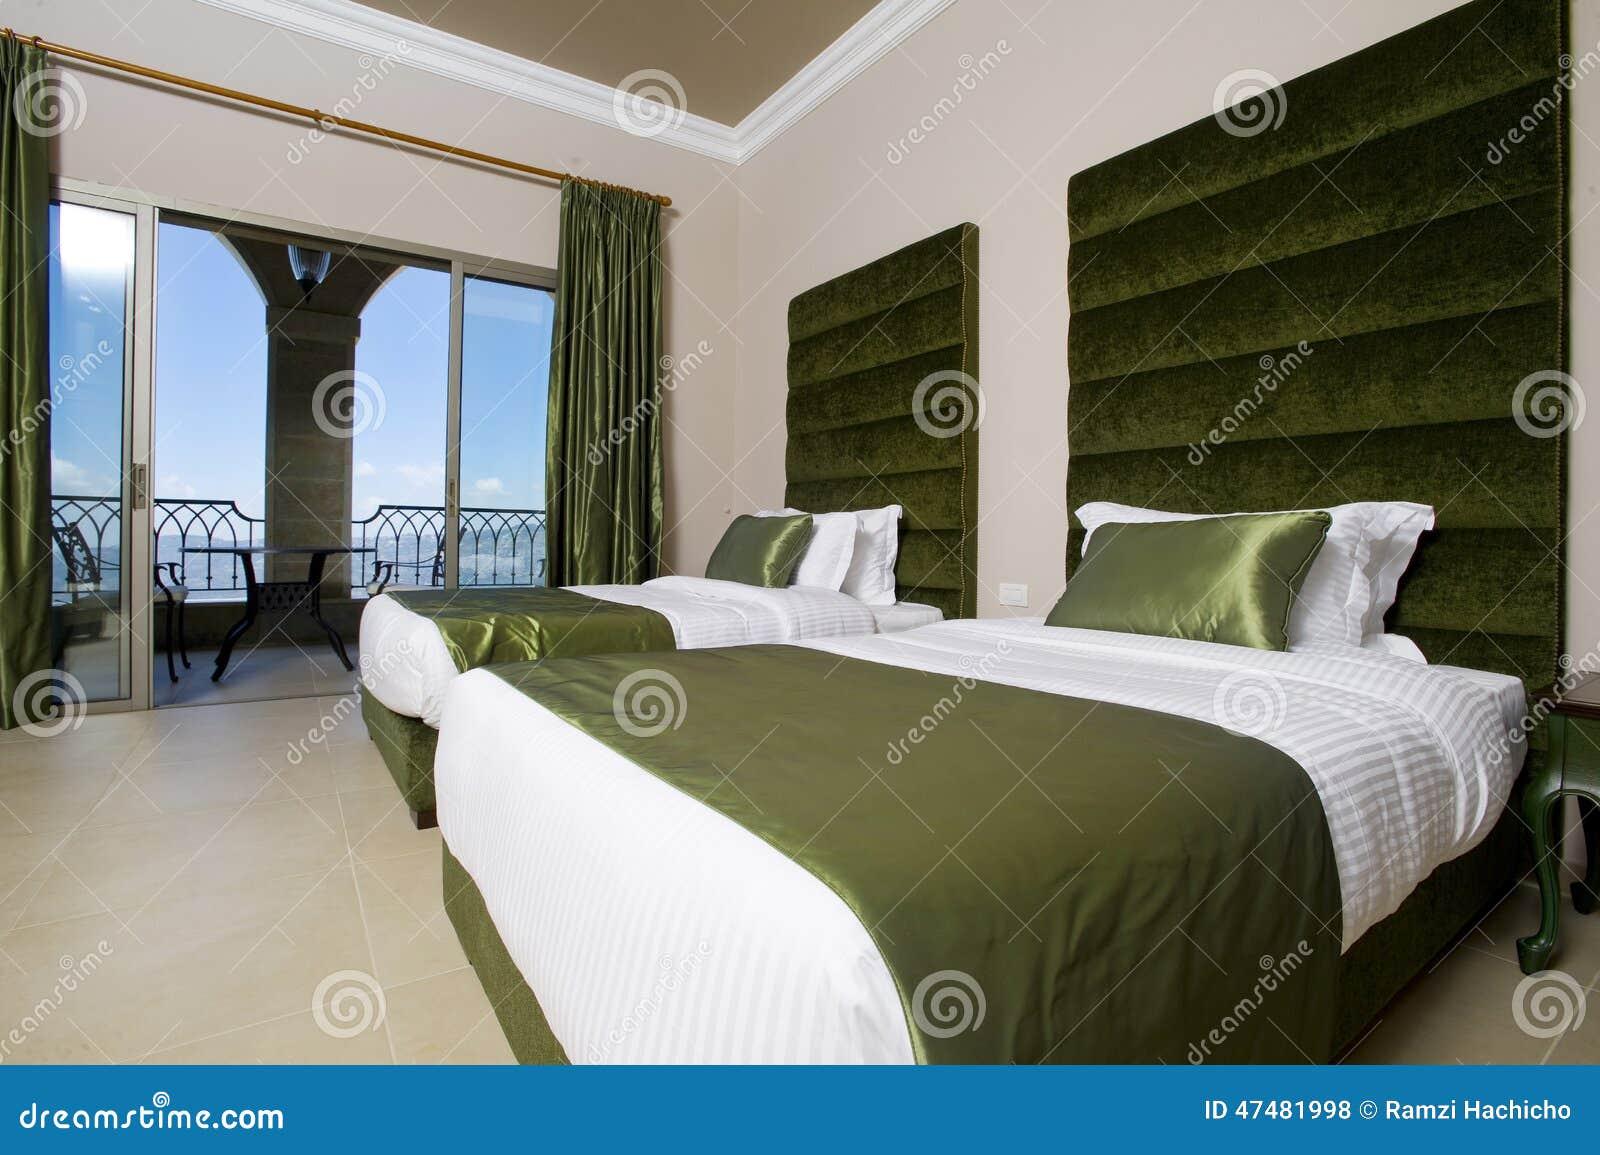 Camera Da Letto Lussuosa Con I Balconi, Camera Da Letto Dellhotel Dell